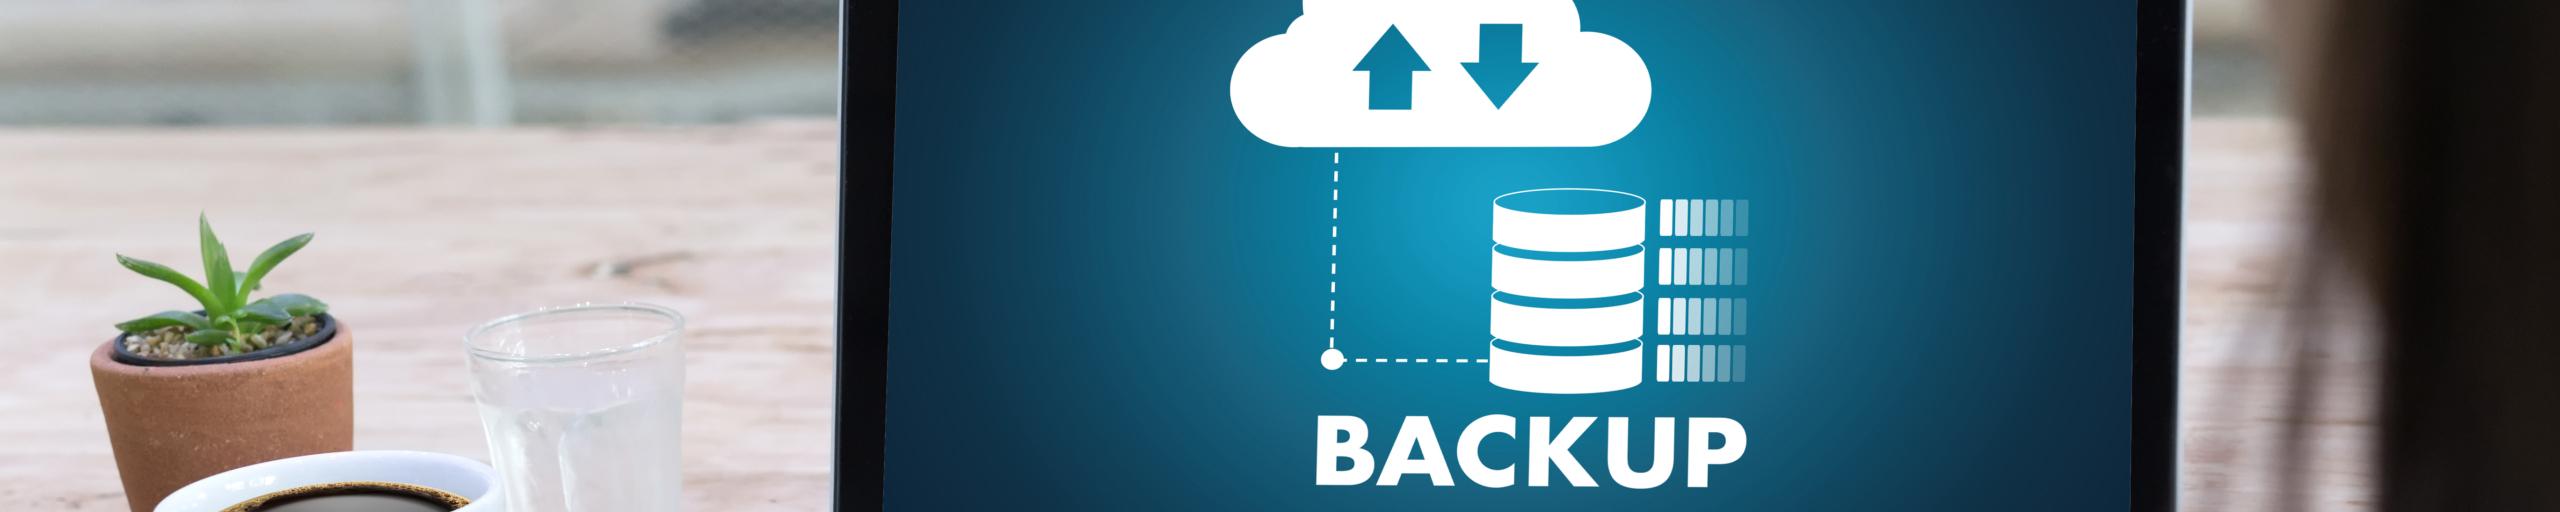 Headerbild Backup in der Cloud